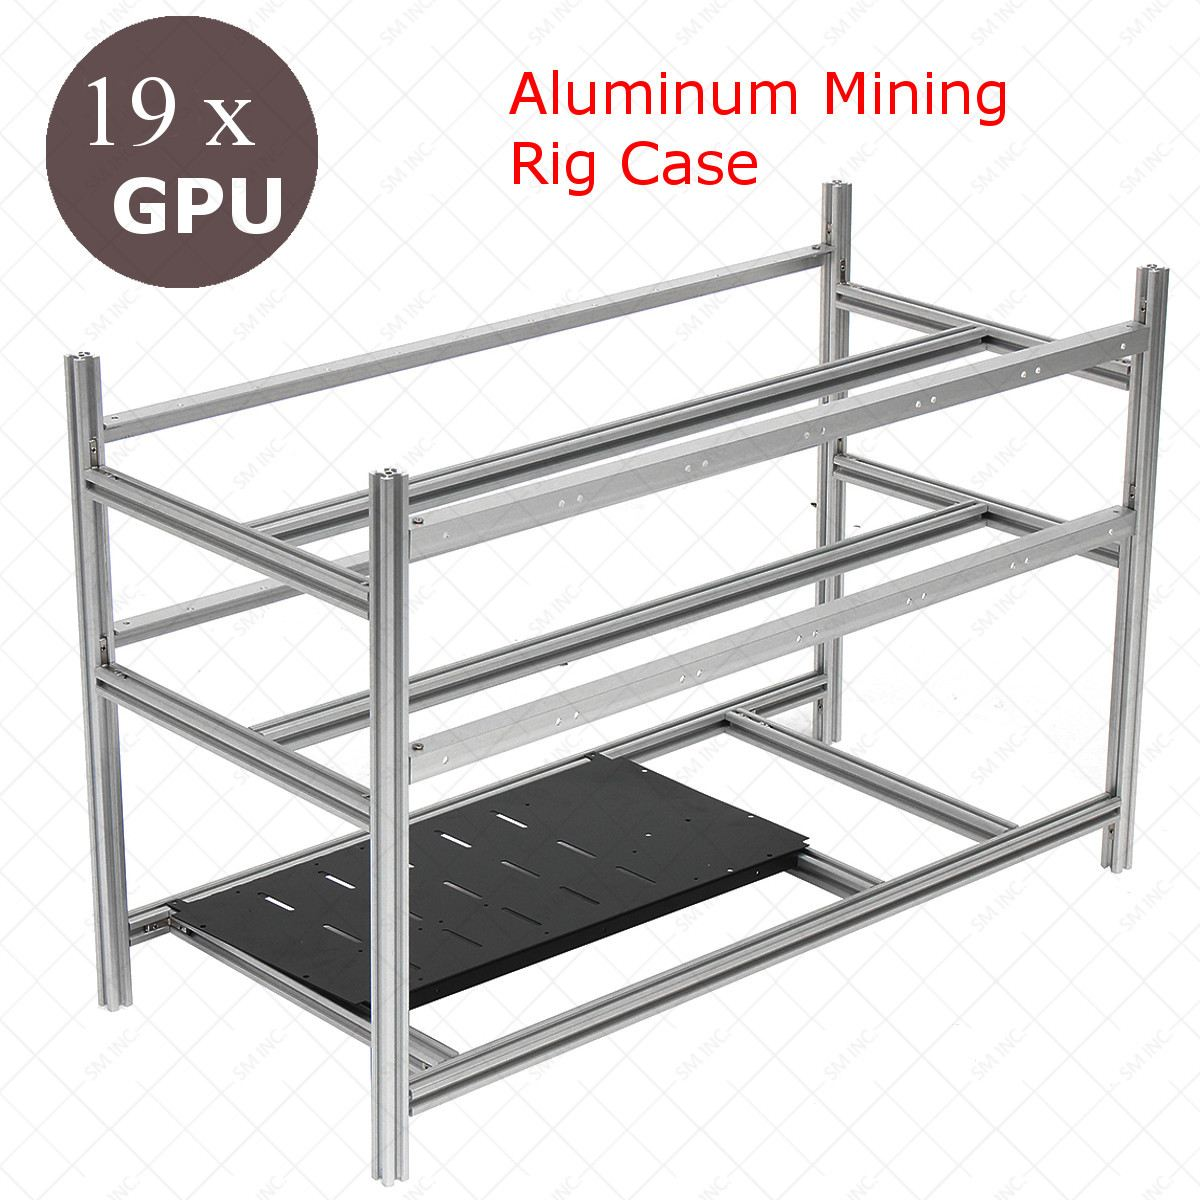 Empilable en Plein Air Plate-Forme Minière Cadre Mineur Cas Pour 19 GPU ETC BTH 3 Alimentation Nouvel Ordinateur Mining Cadre Serveur châssis